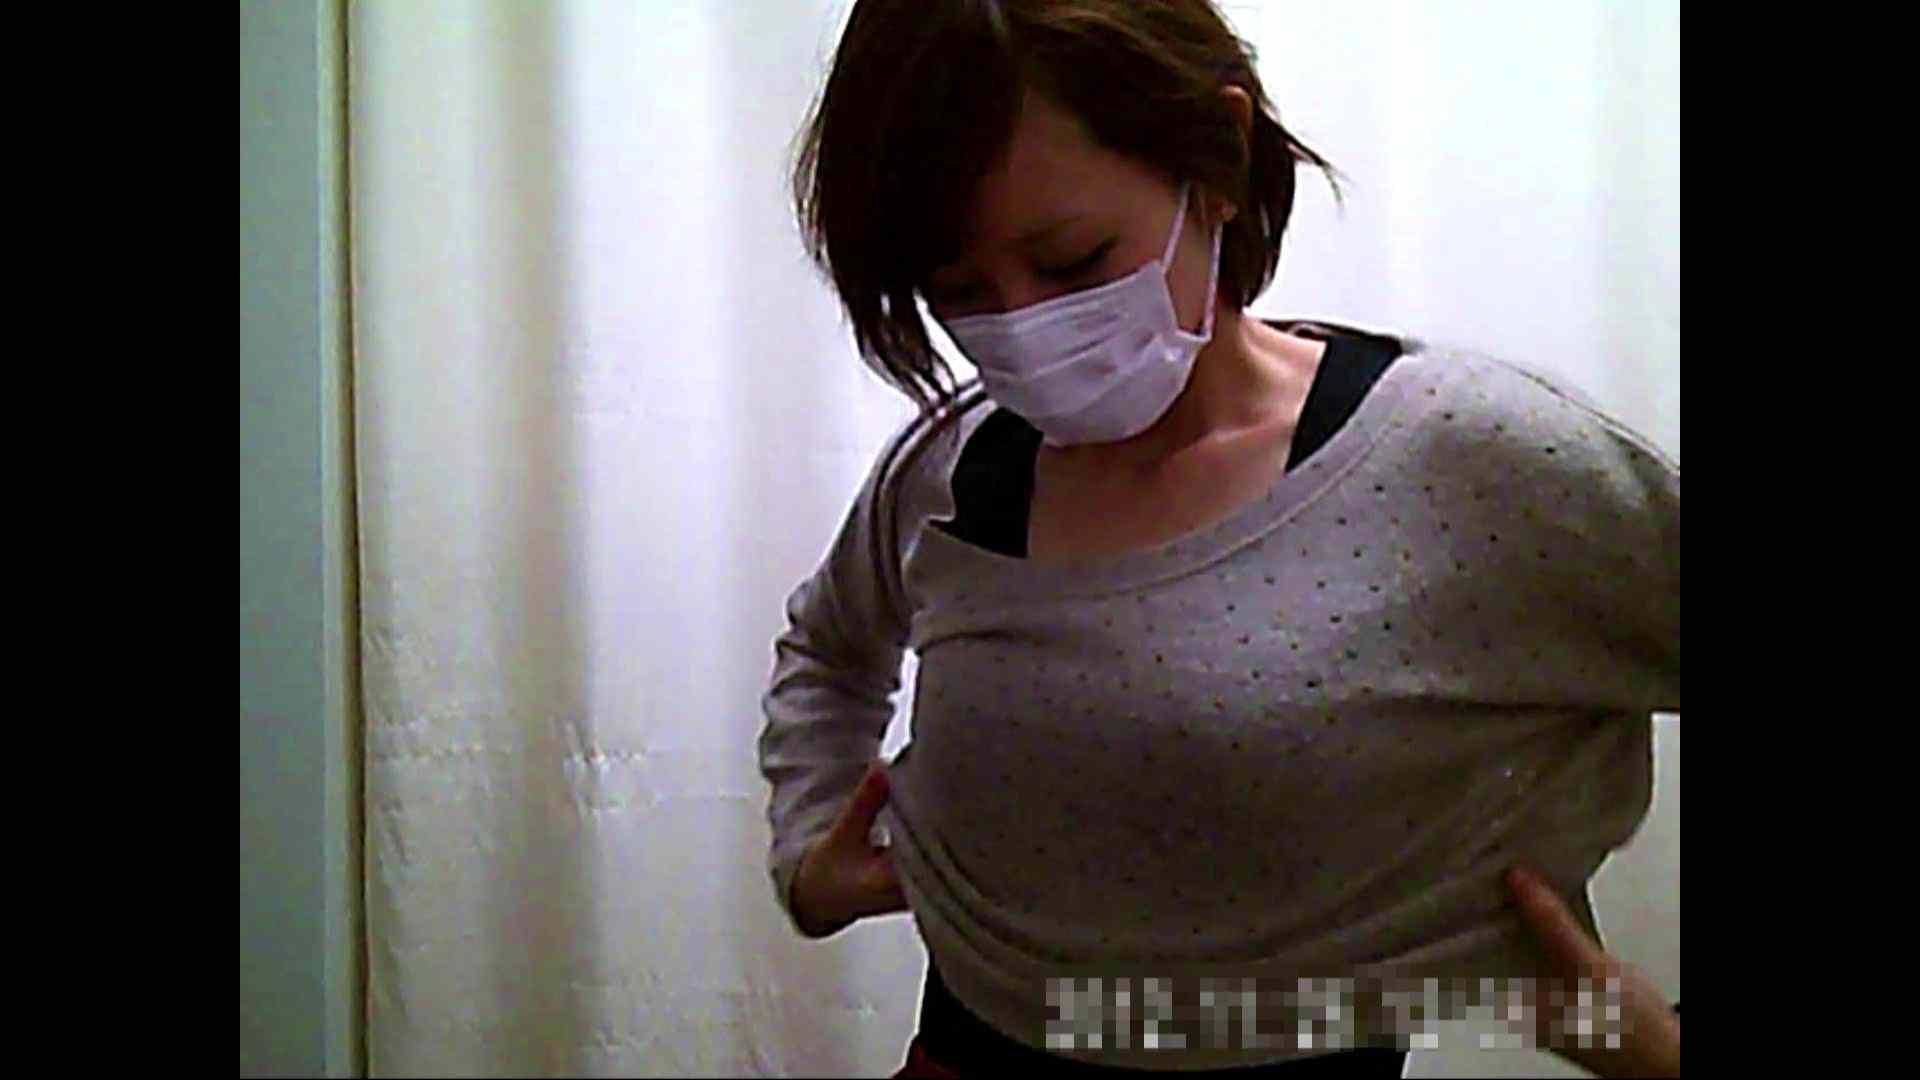 病院おもいっきり着替え! vol.159 貧乳編 エロ画像 98画像 71